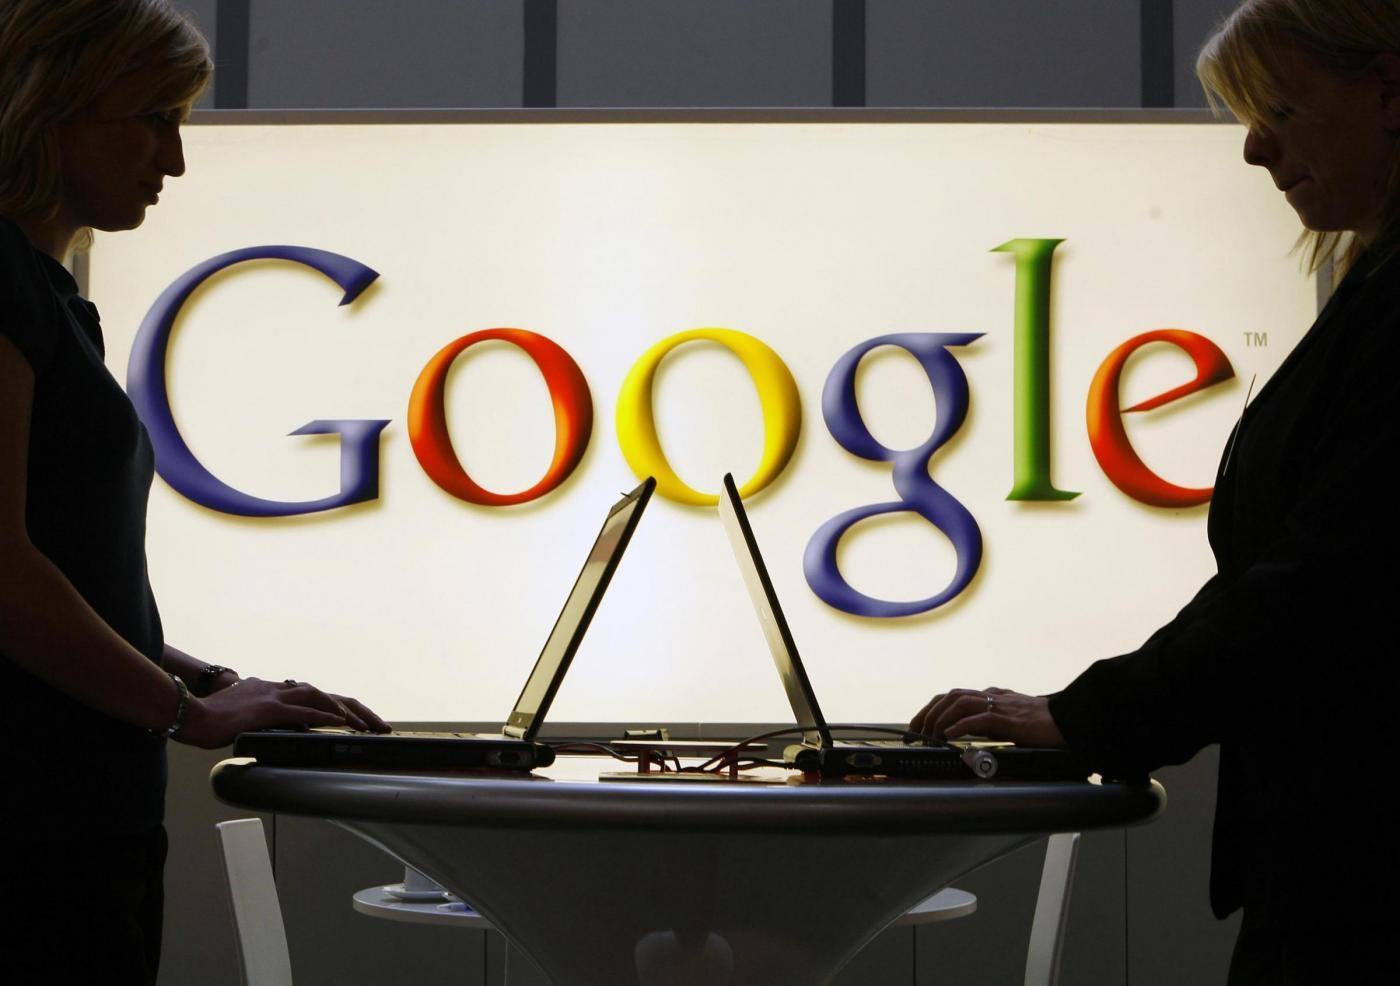 Crisi economica, gli italiani alla ricerca della bella vita su Google